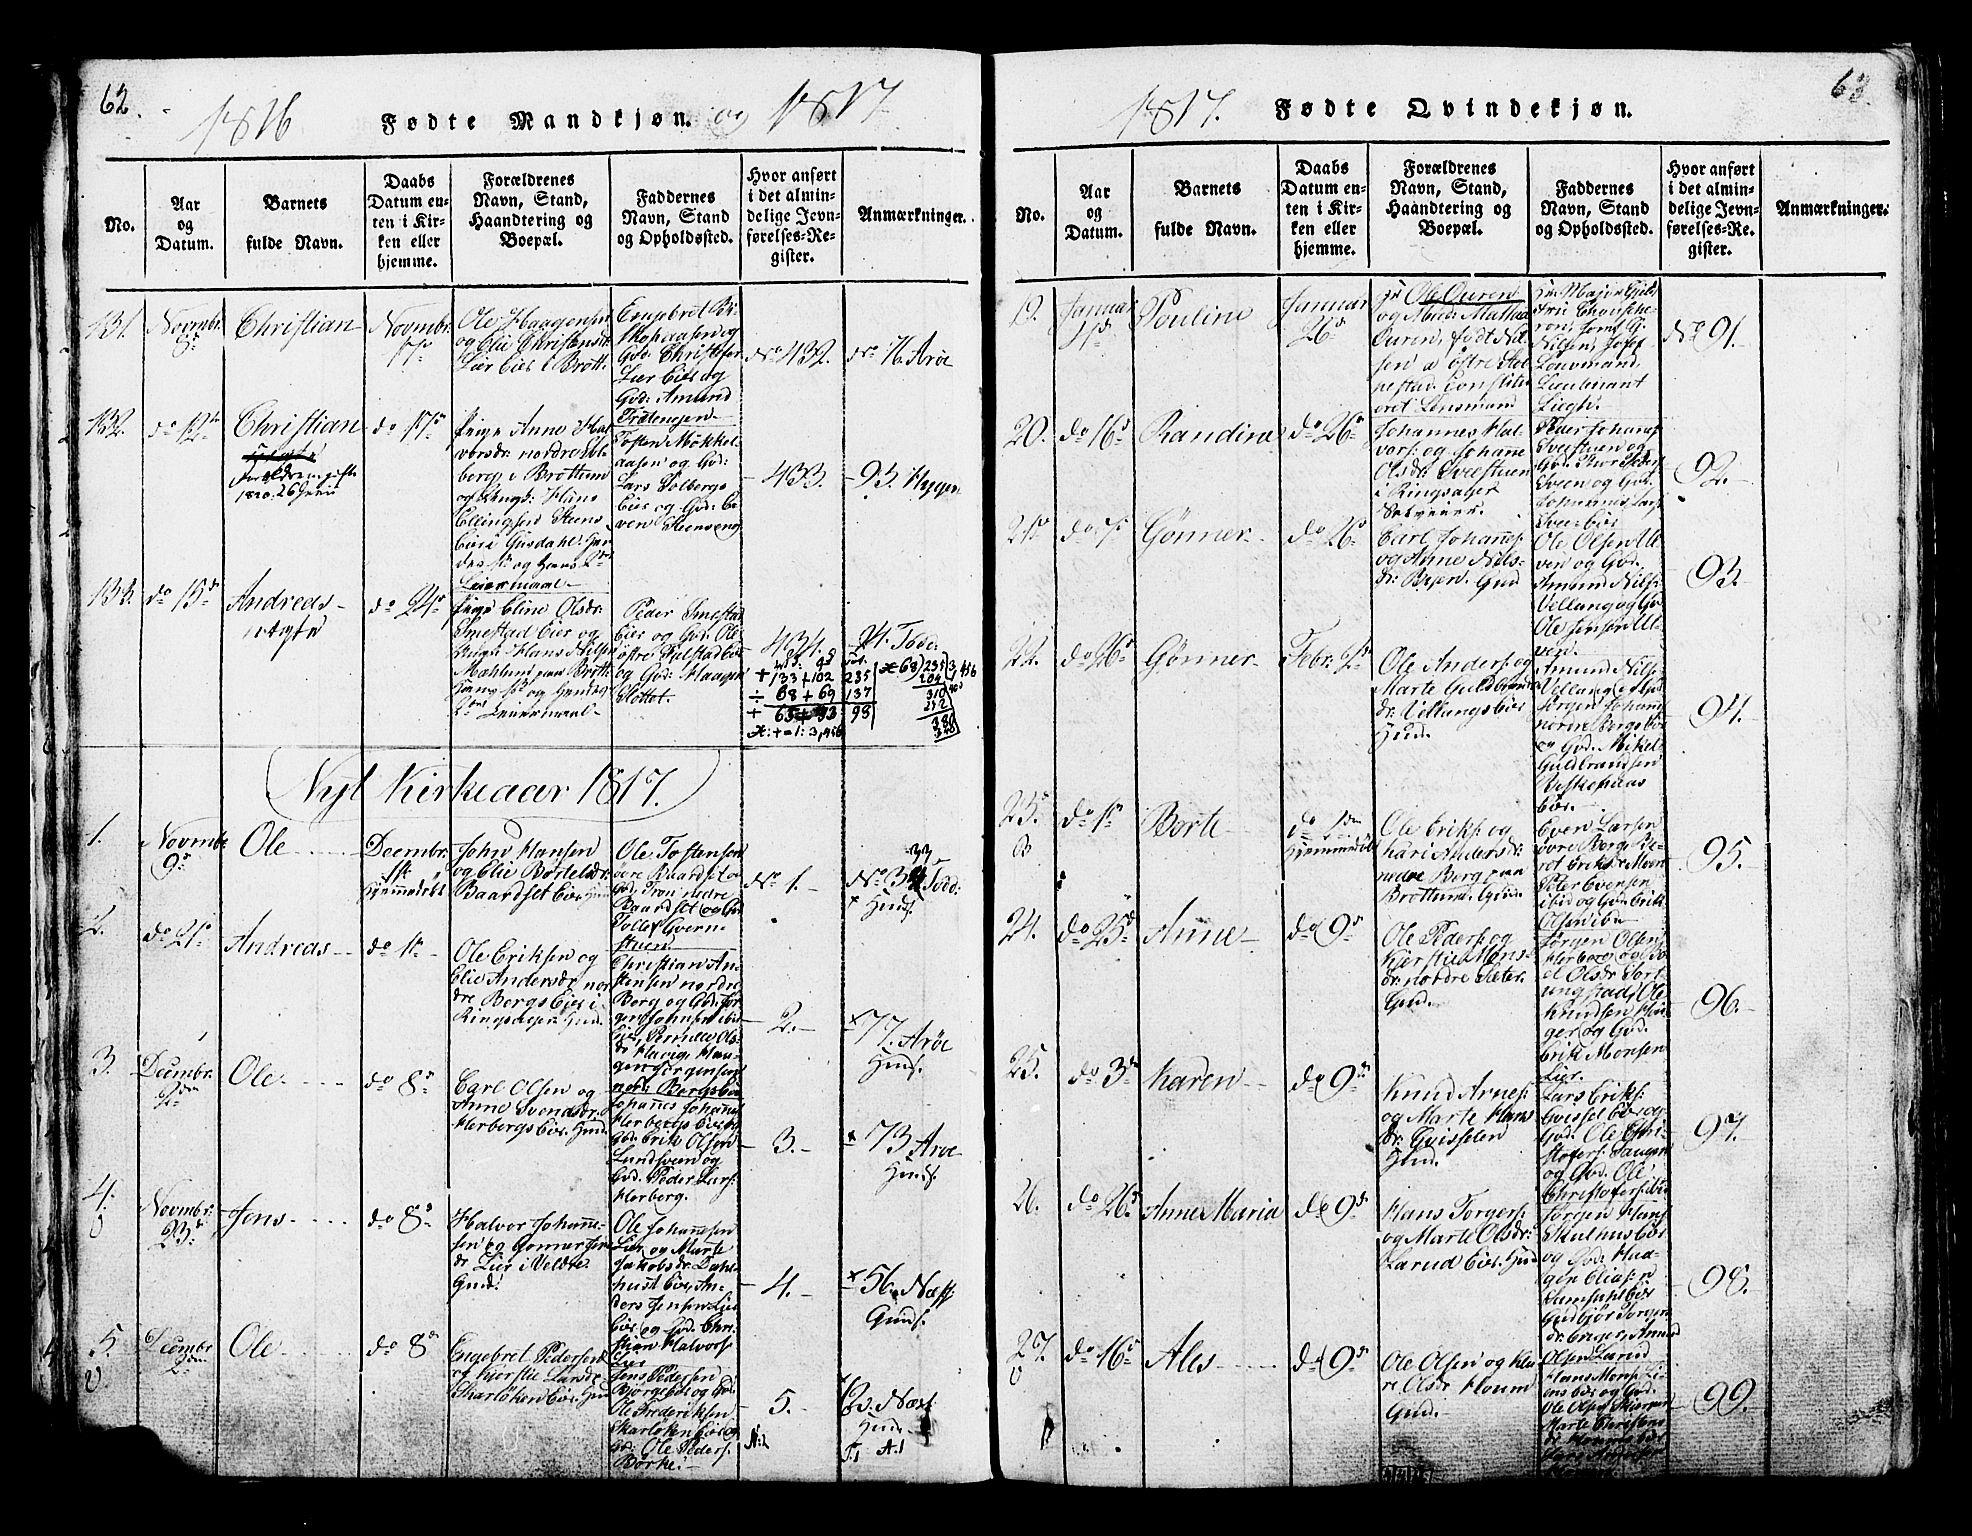 SAH, Ringsaker prestekontor, K/Ka/L0005: Ministerialbok nr. 5, 1814-1826, s. 62-63